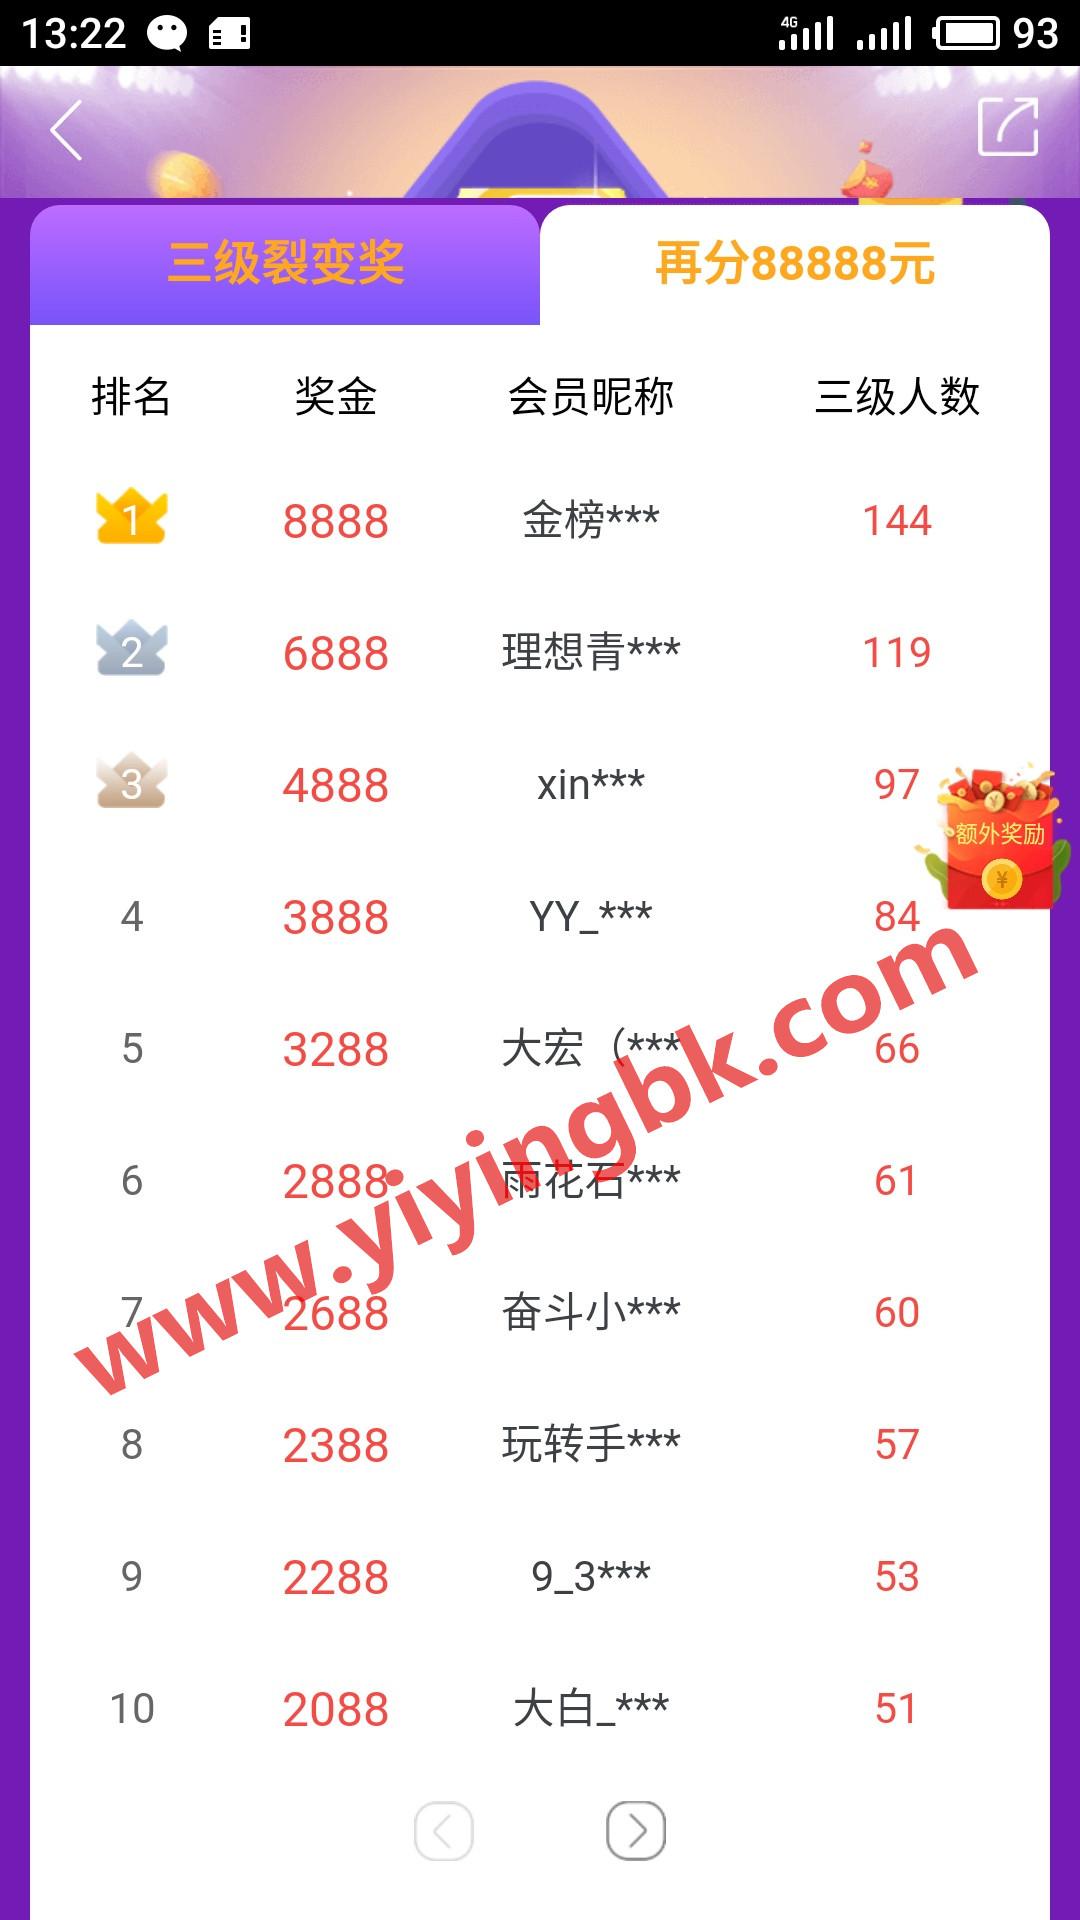 手机正规免费赚钱平台,每月瓜分88888元红包,www.yiyingbk.com